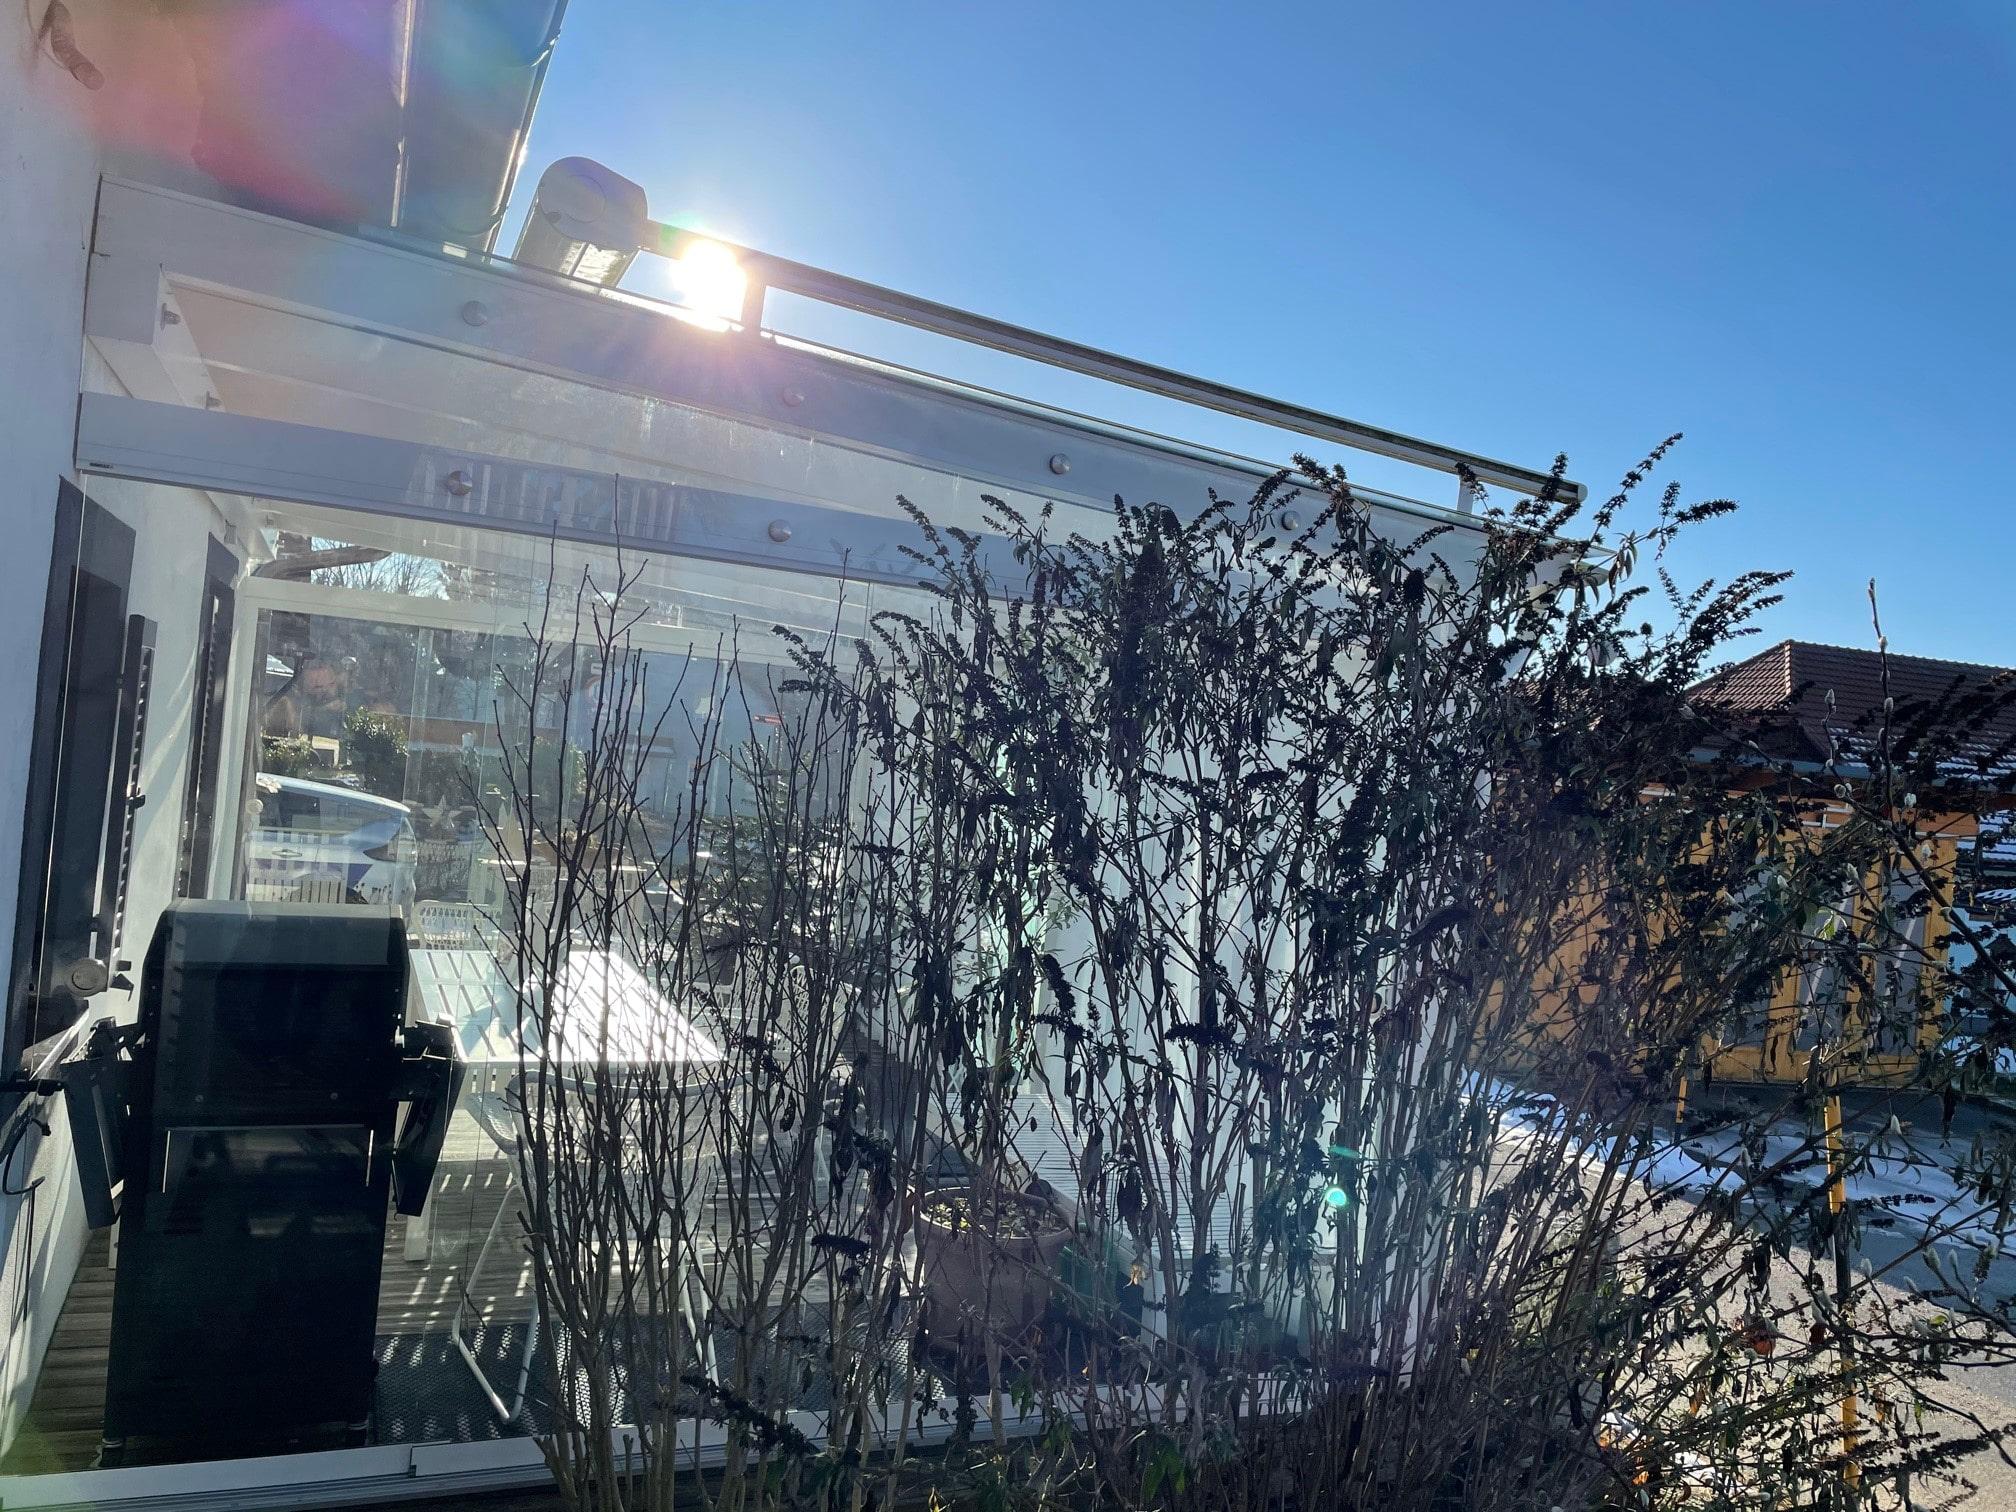 Bestehende Glasüberdachung mit Schiebeelementen als Windschutz verbauen